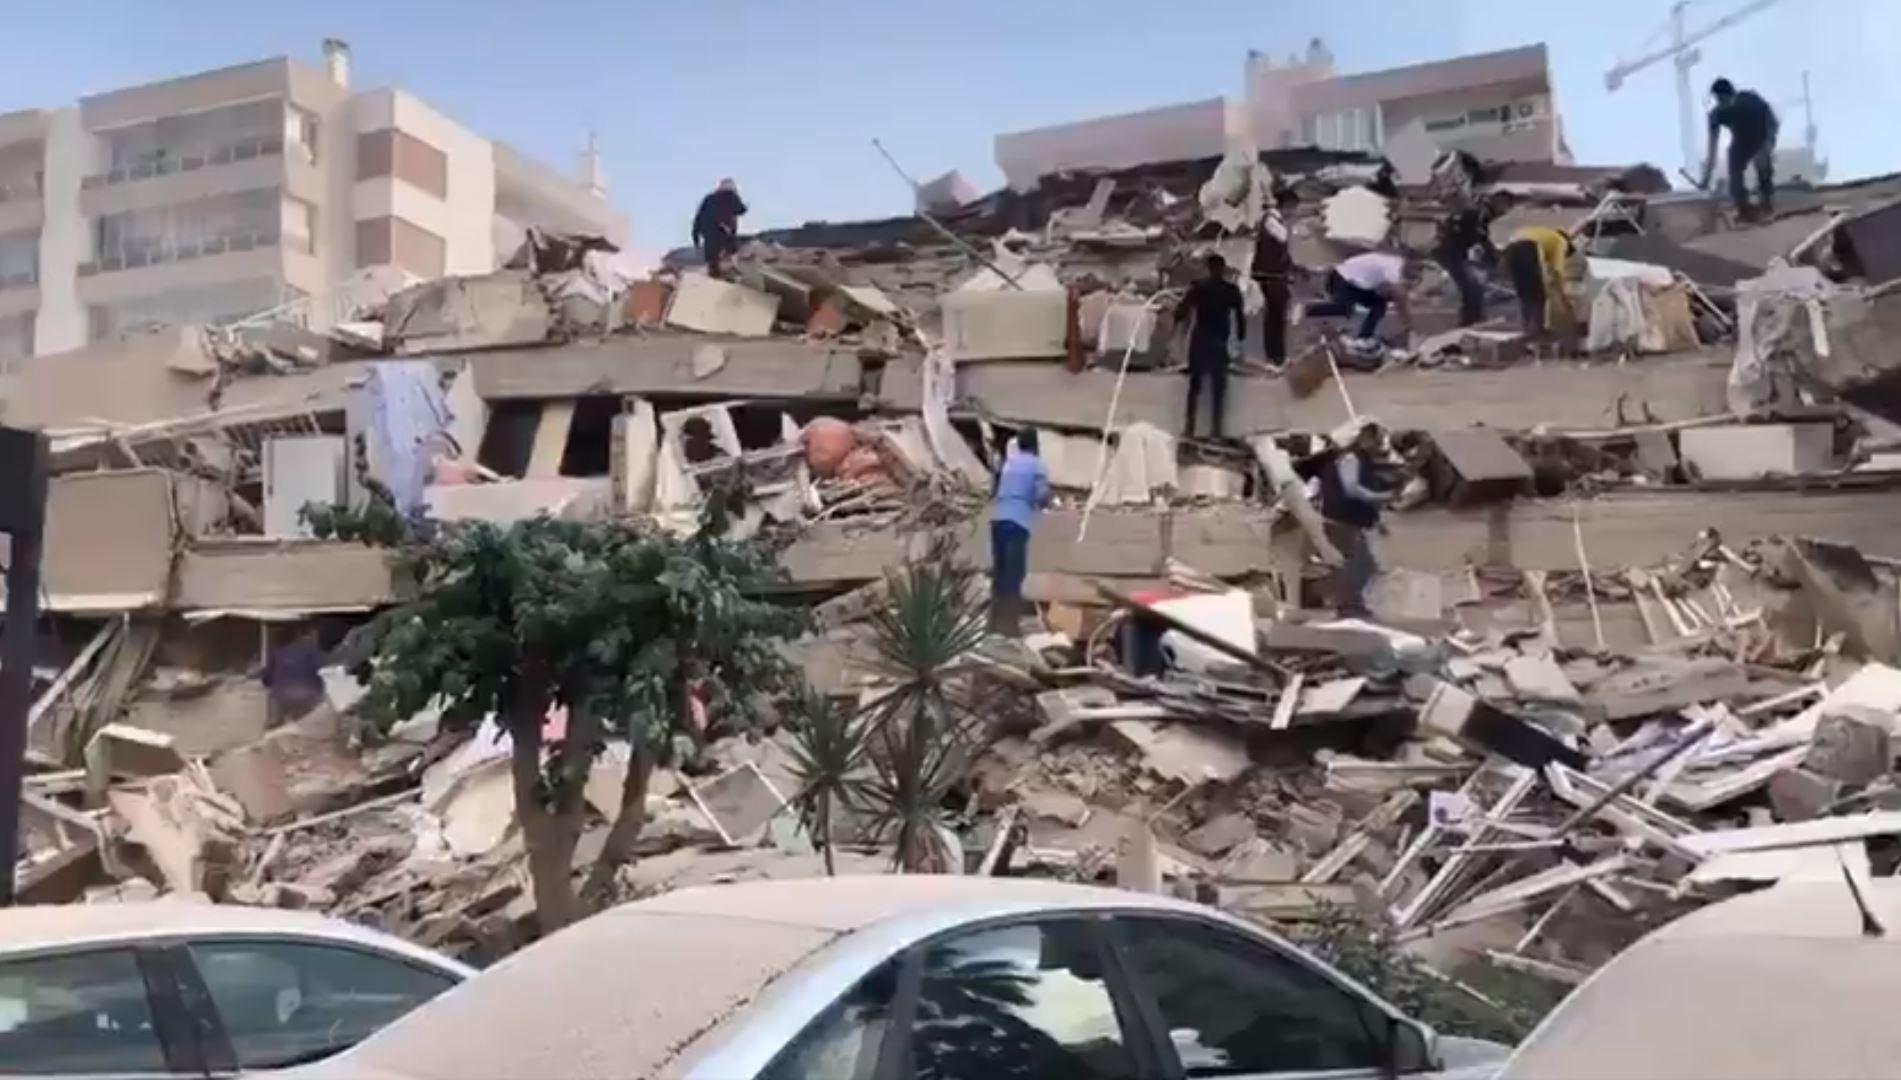 Temblor de magnitud 7.0 se registra frente a isla griega de Samos y causa  severos daños en Turquía – Prensa Libre